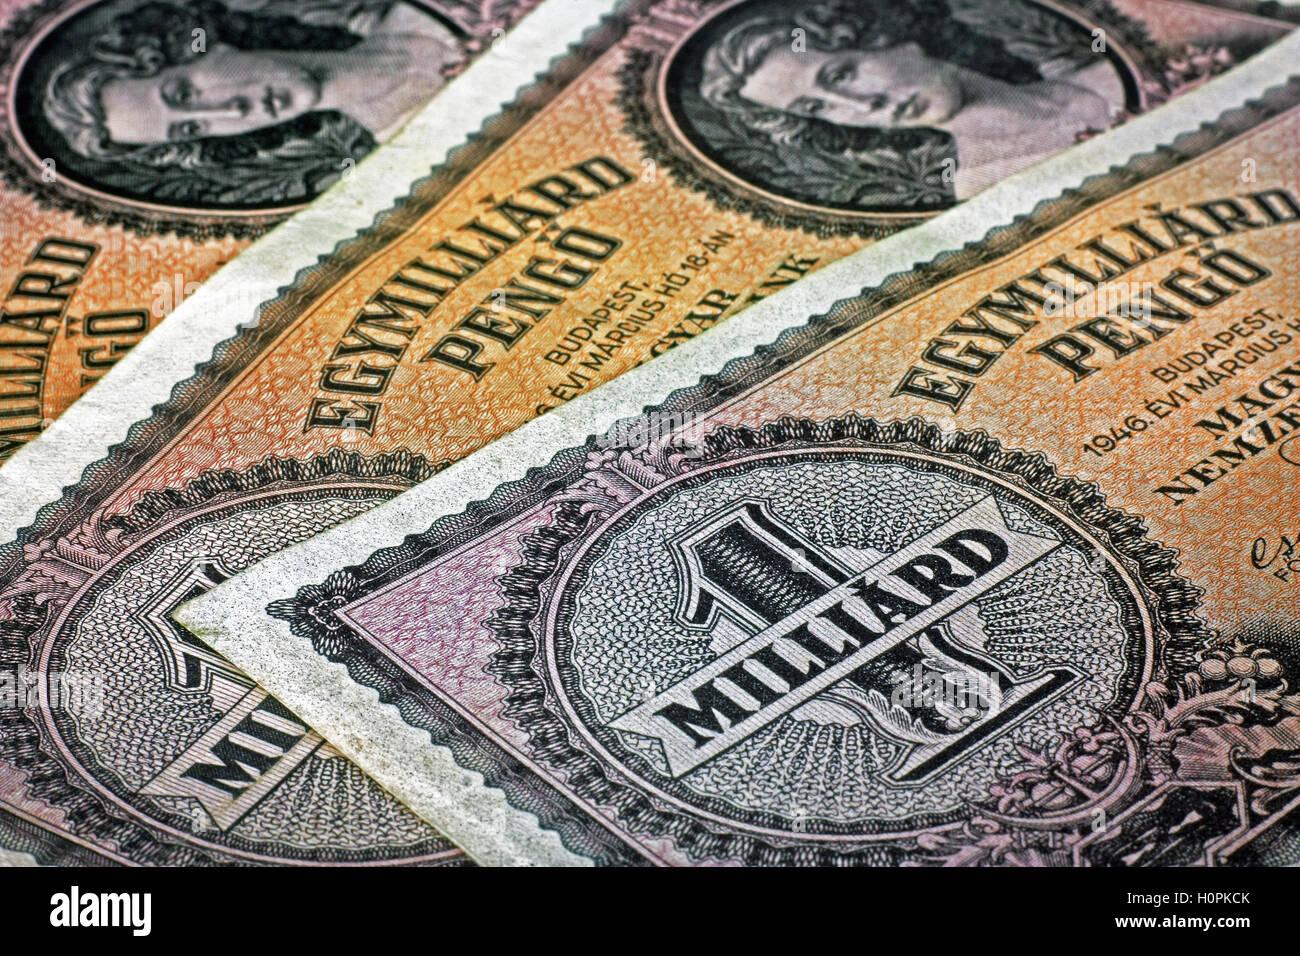 Cash advance america chattanooga picture 10